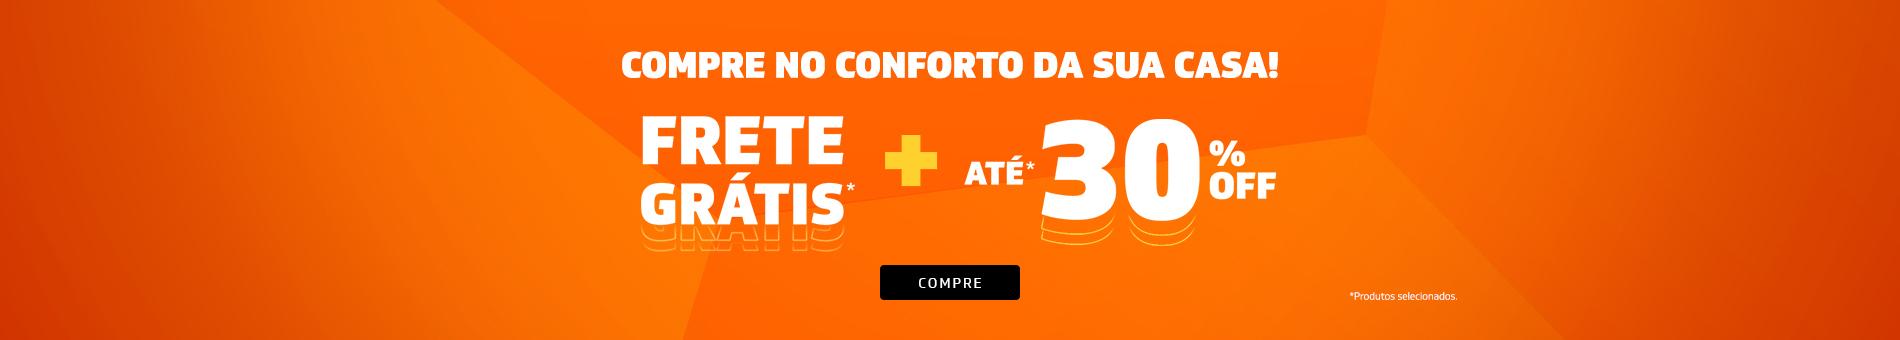 Promoção Interna - 4142 - momentos_frete-30off_1042020_home1 - frete-30off - 1